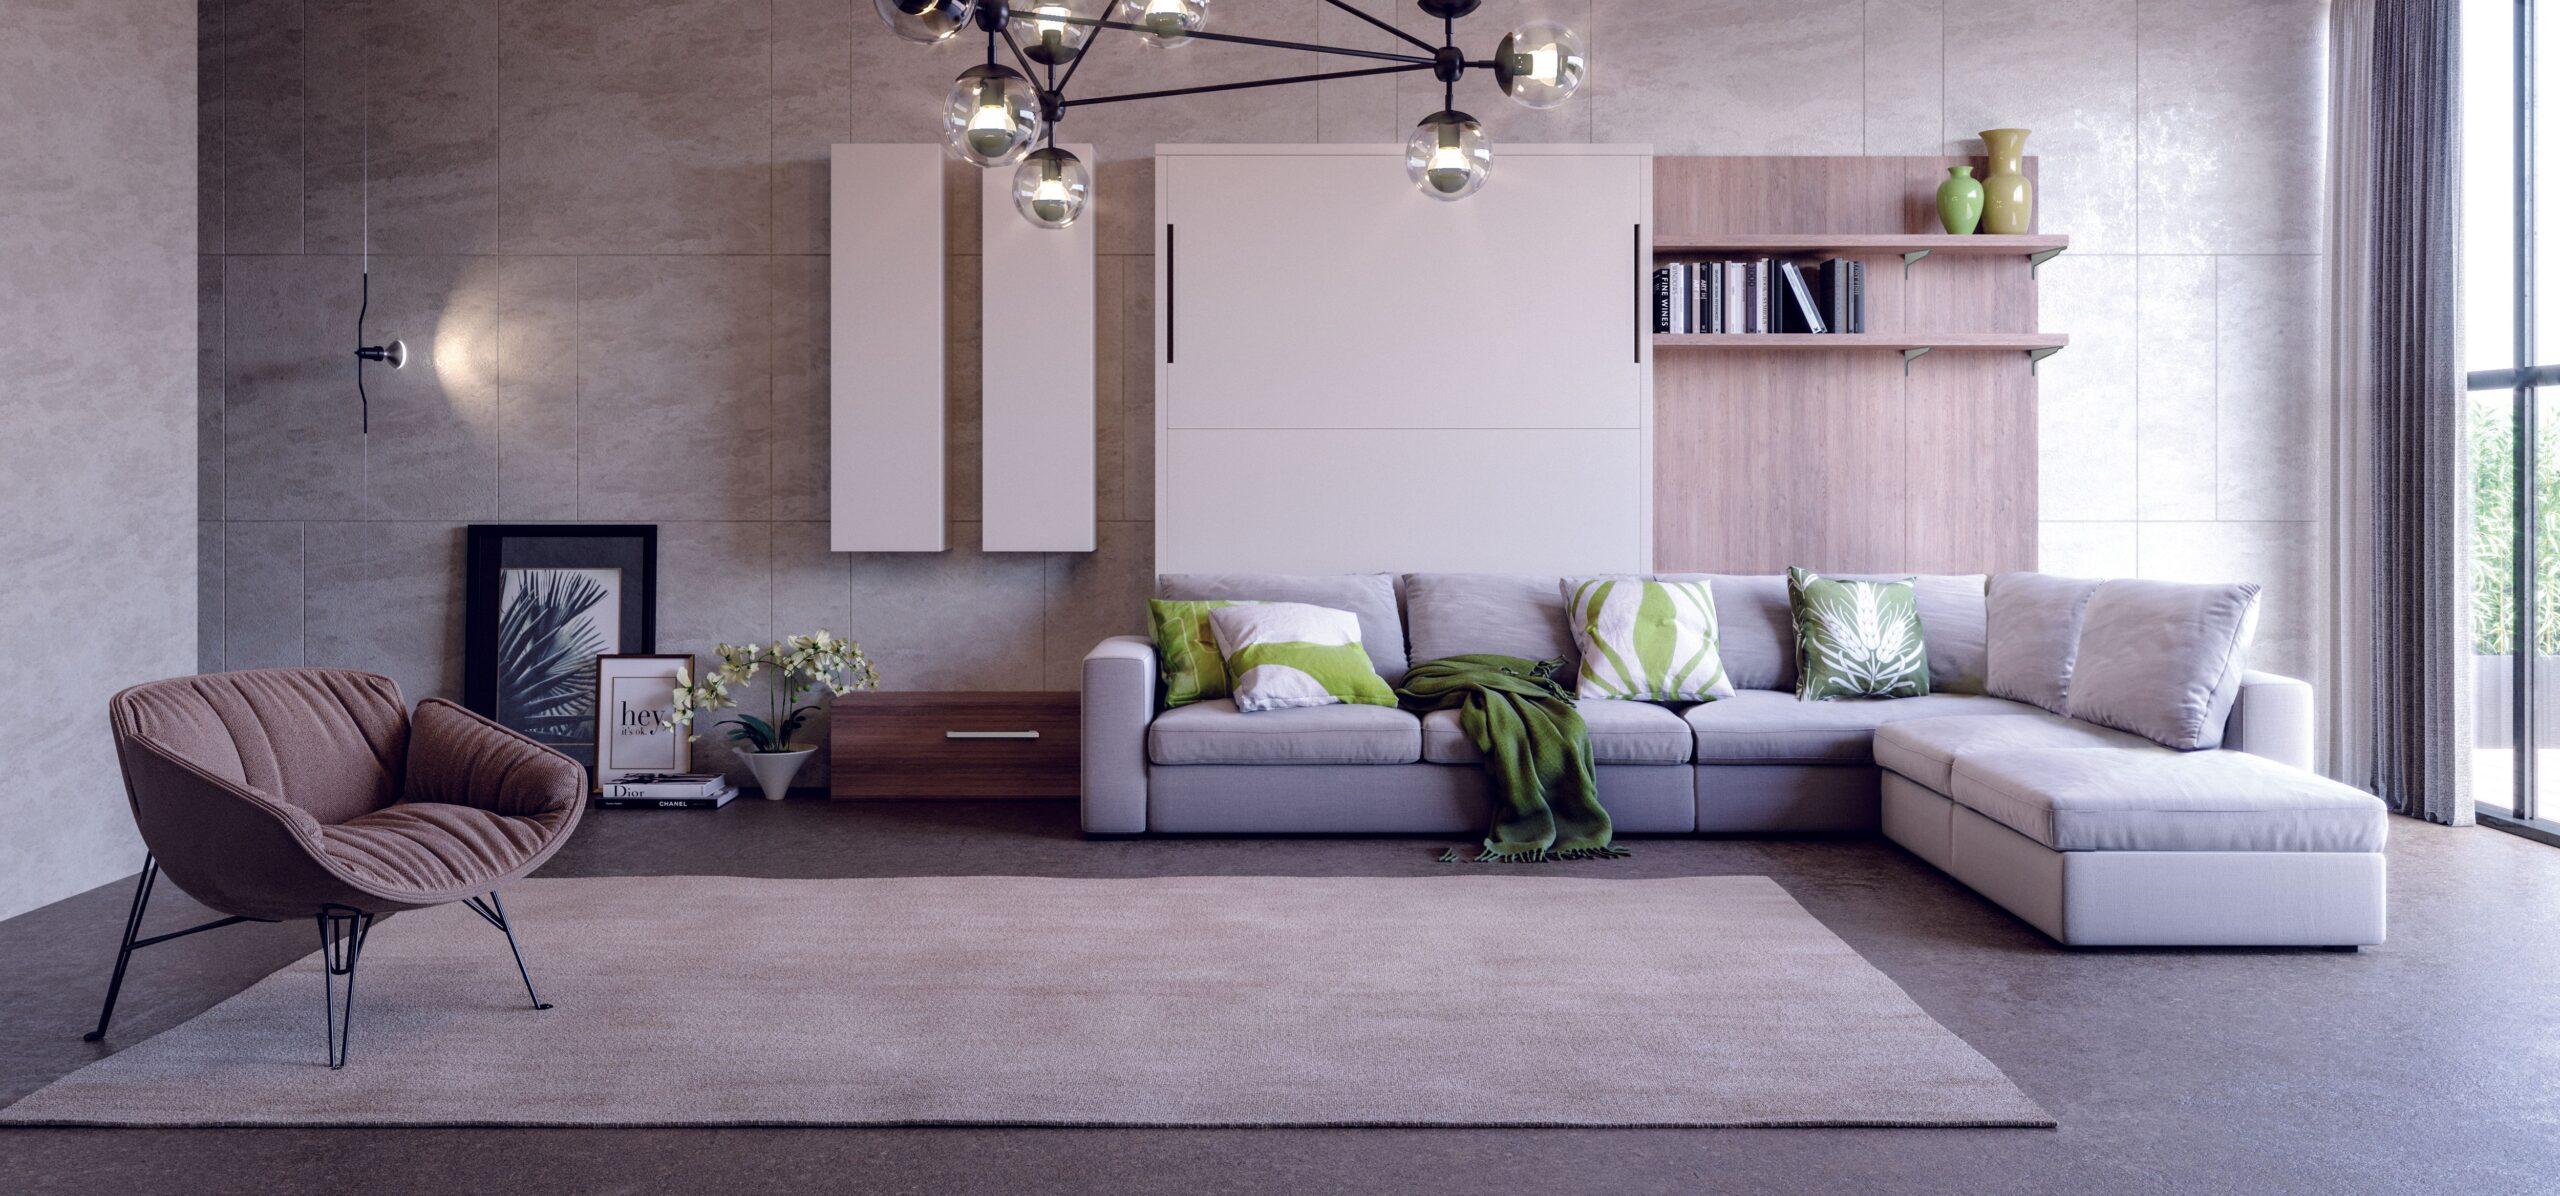 Letto a scomparsa con divano Cubo soggiorno